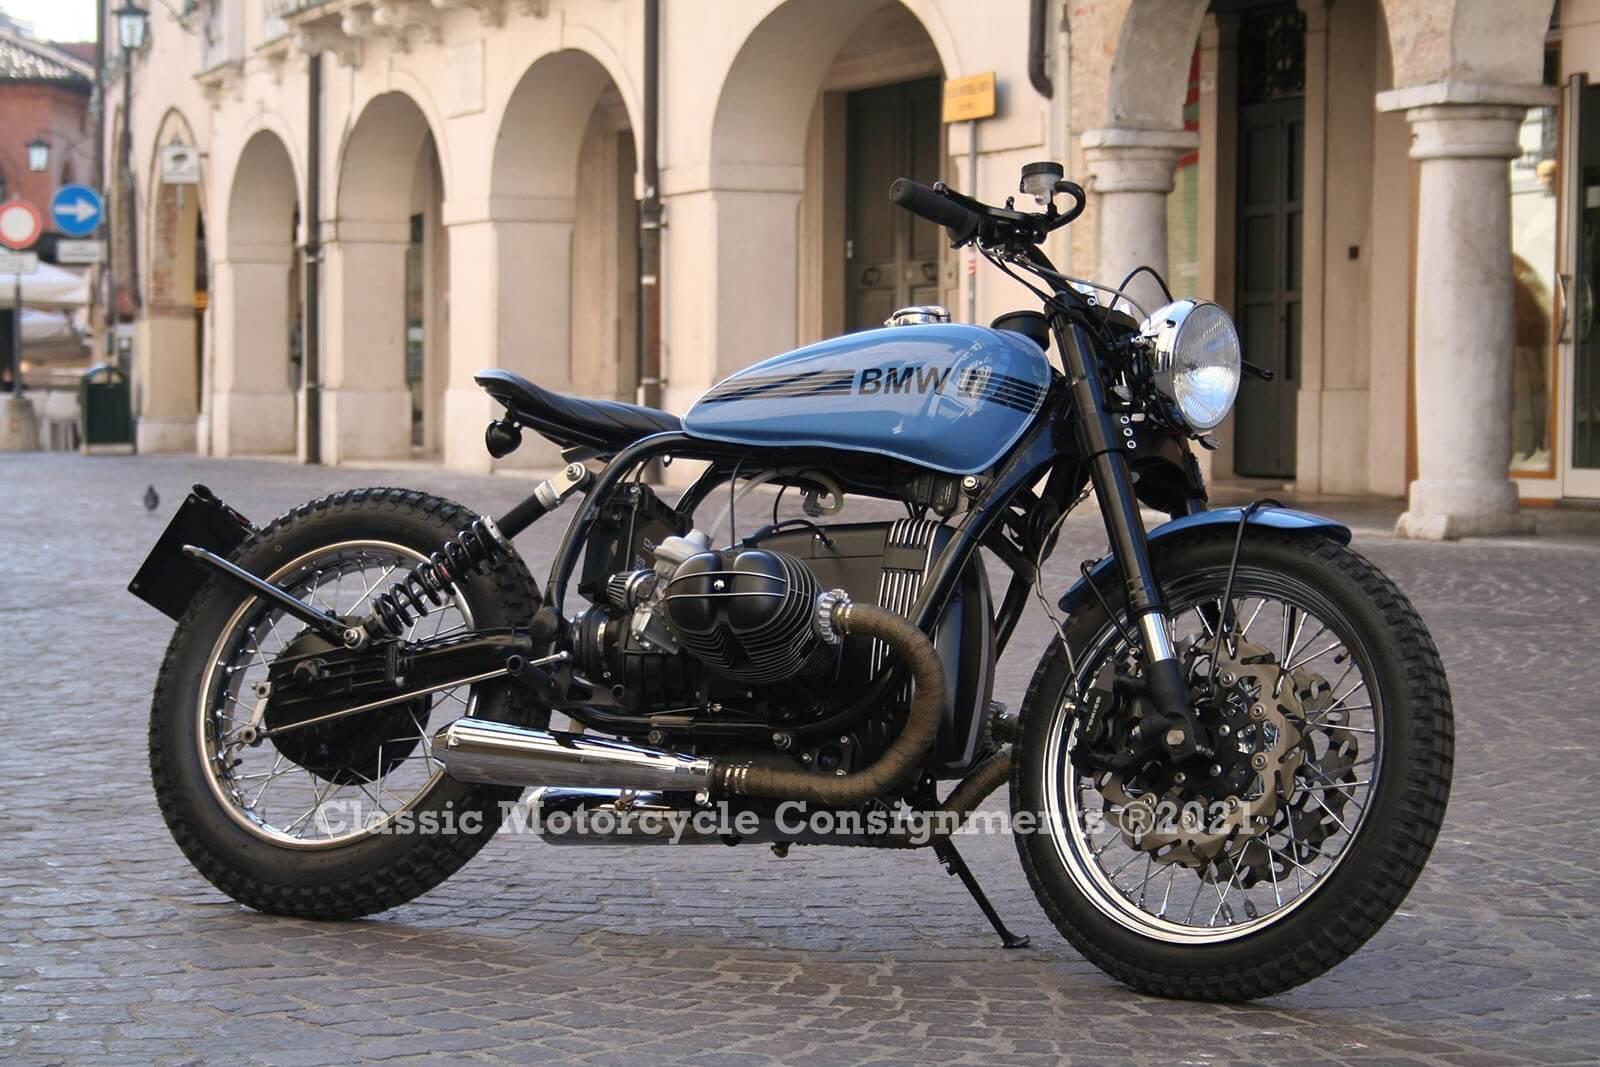 1983 Custom BMW R80